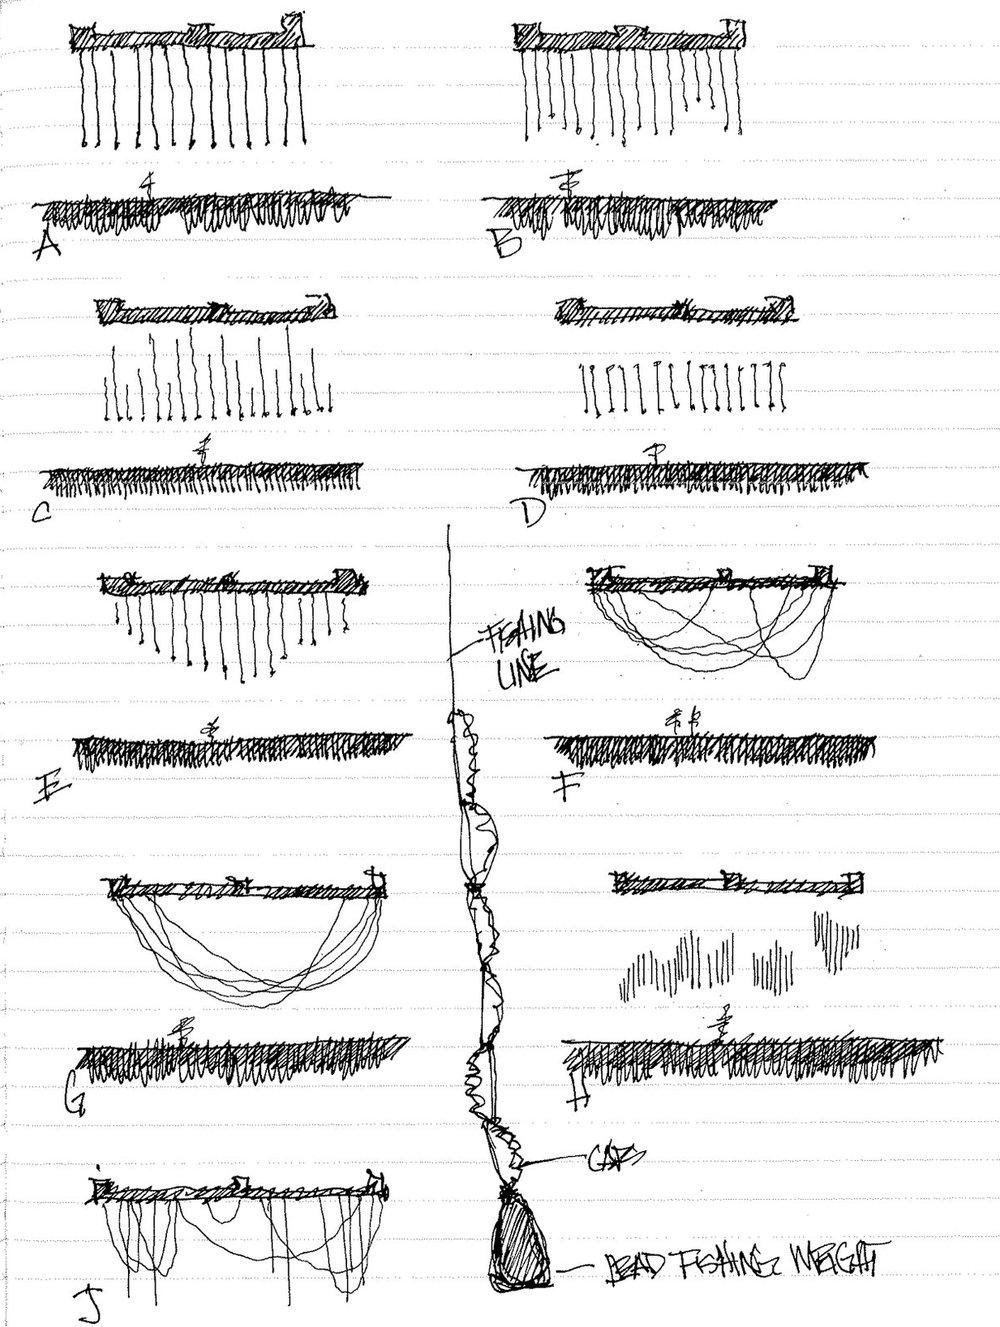 20120705_ballroom sketch.jpg